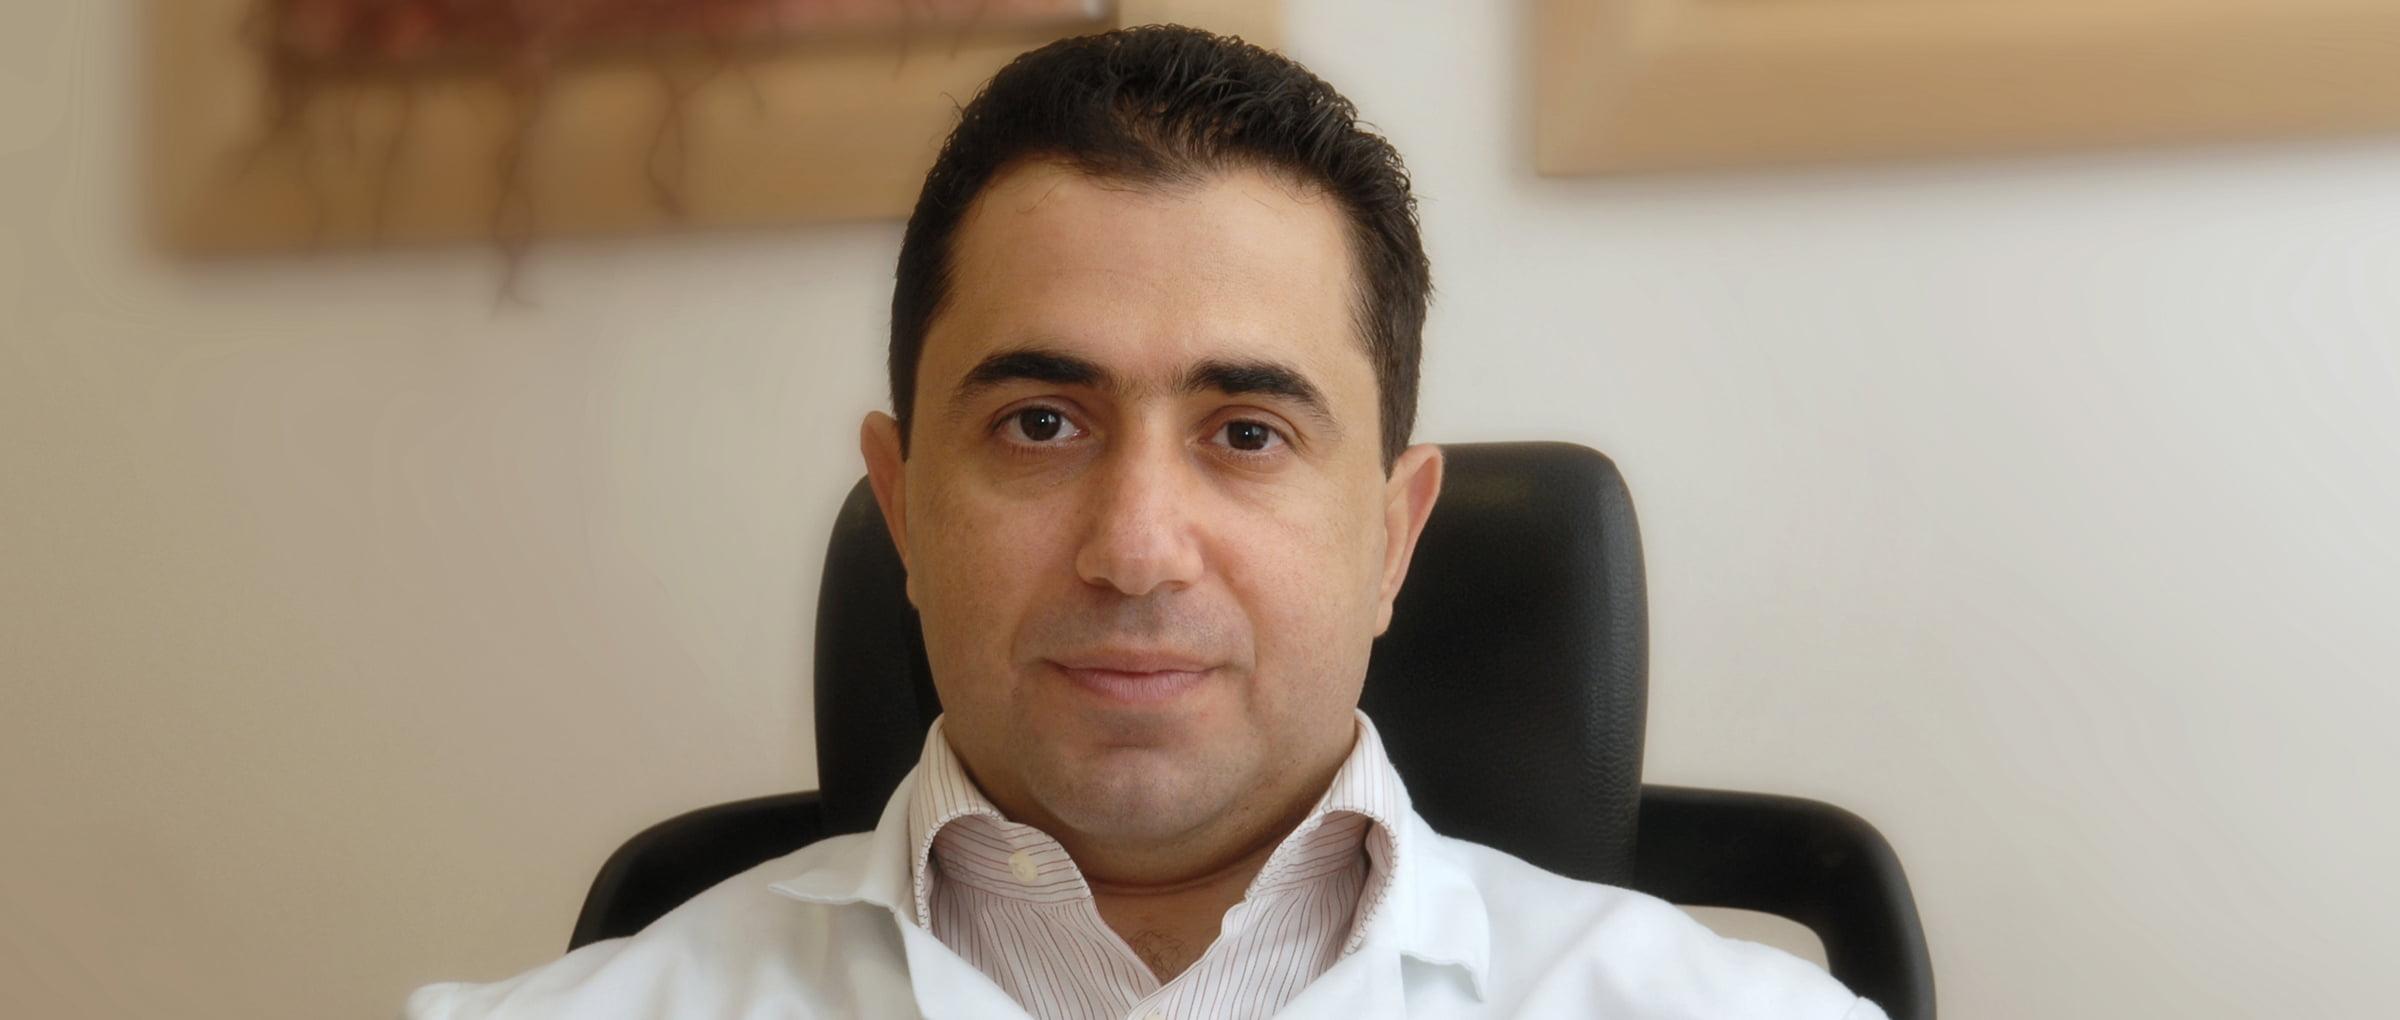 Dr Nicos Zottis